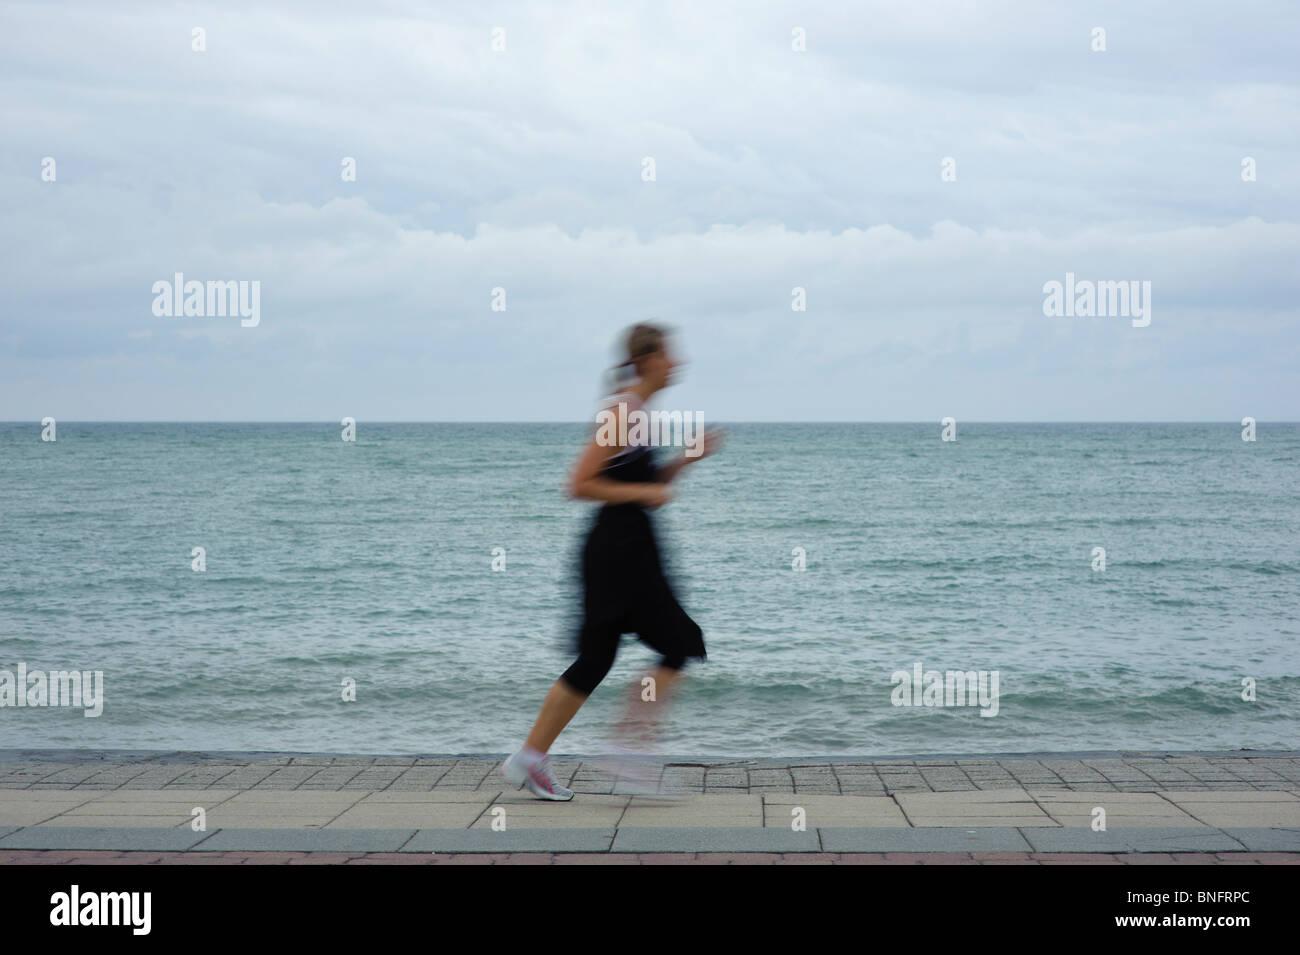 Flou de mouvement, une femme jogger running jogging runner par le bord de mer et ciel couvert journée grise Photo Stock